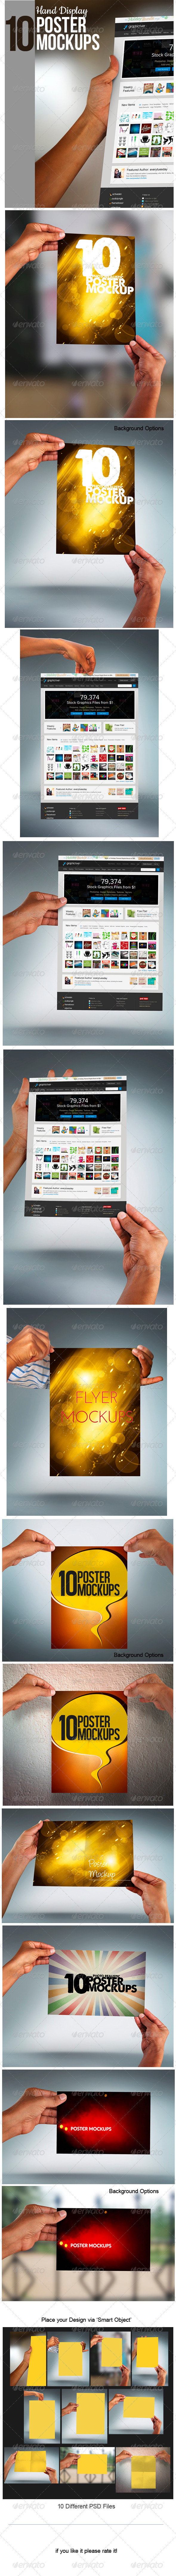 GraphicRiver Hand Display Poster Mockup 3454878